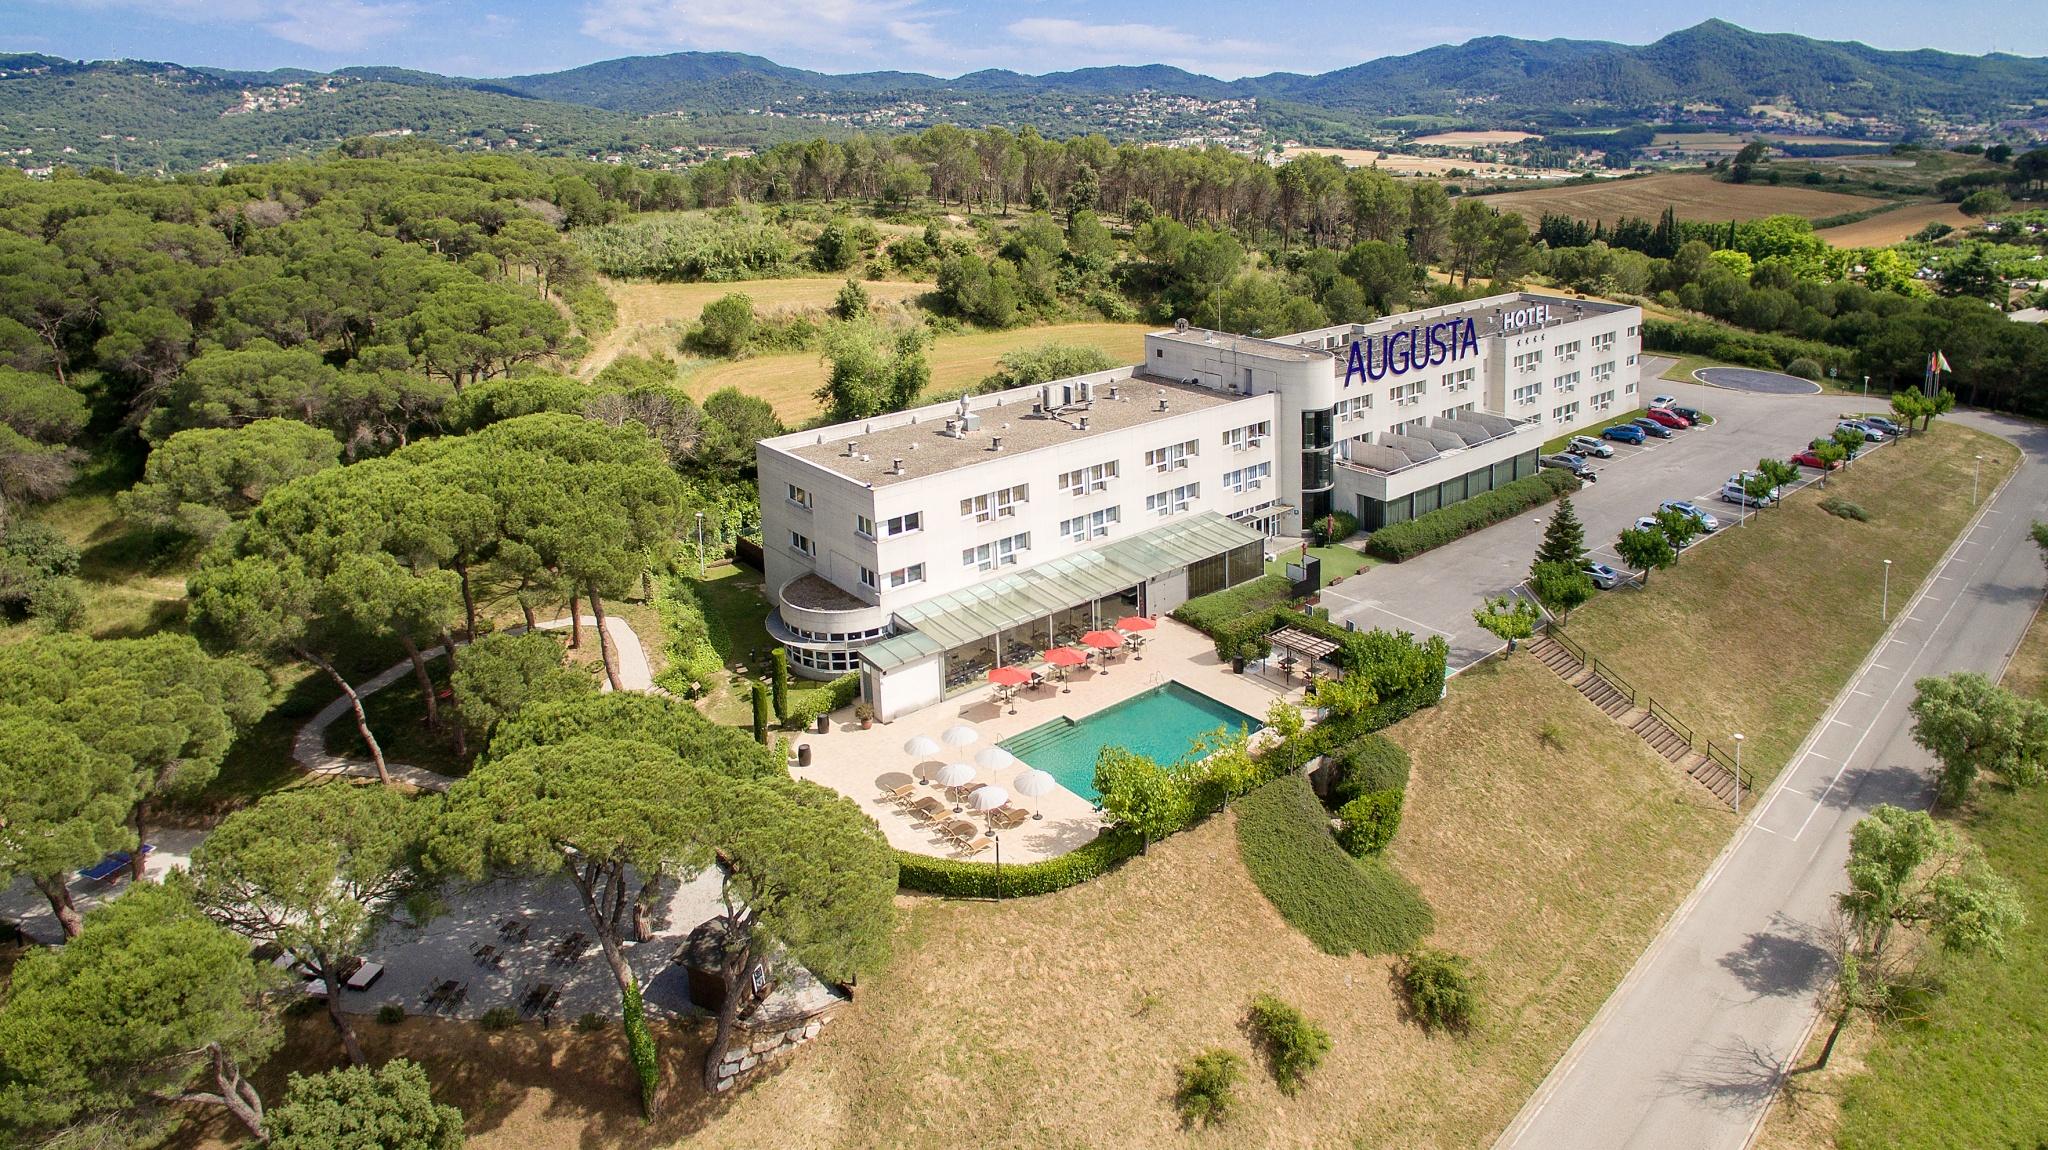 hotel augusta valles en granollers